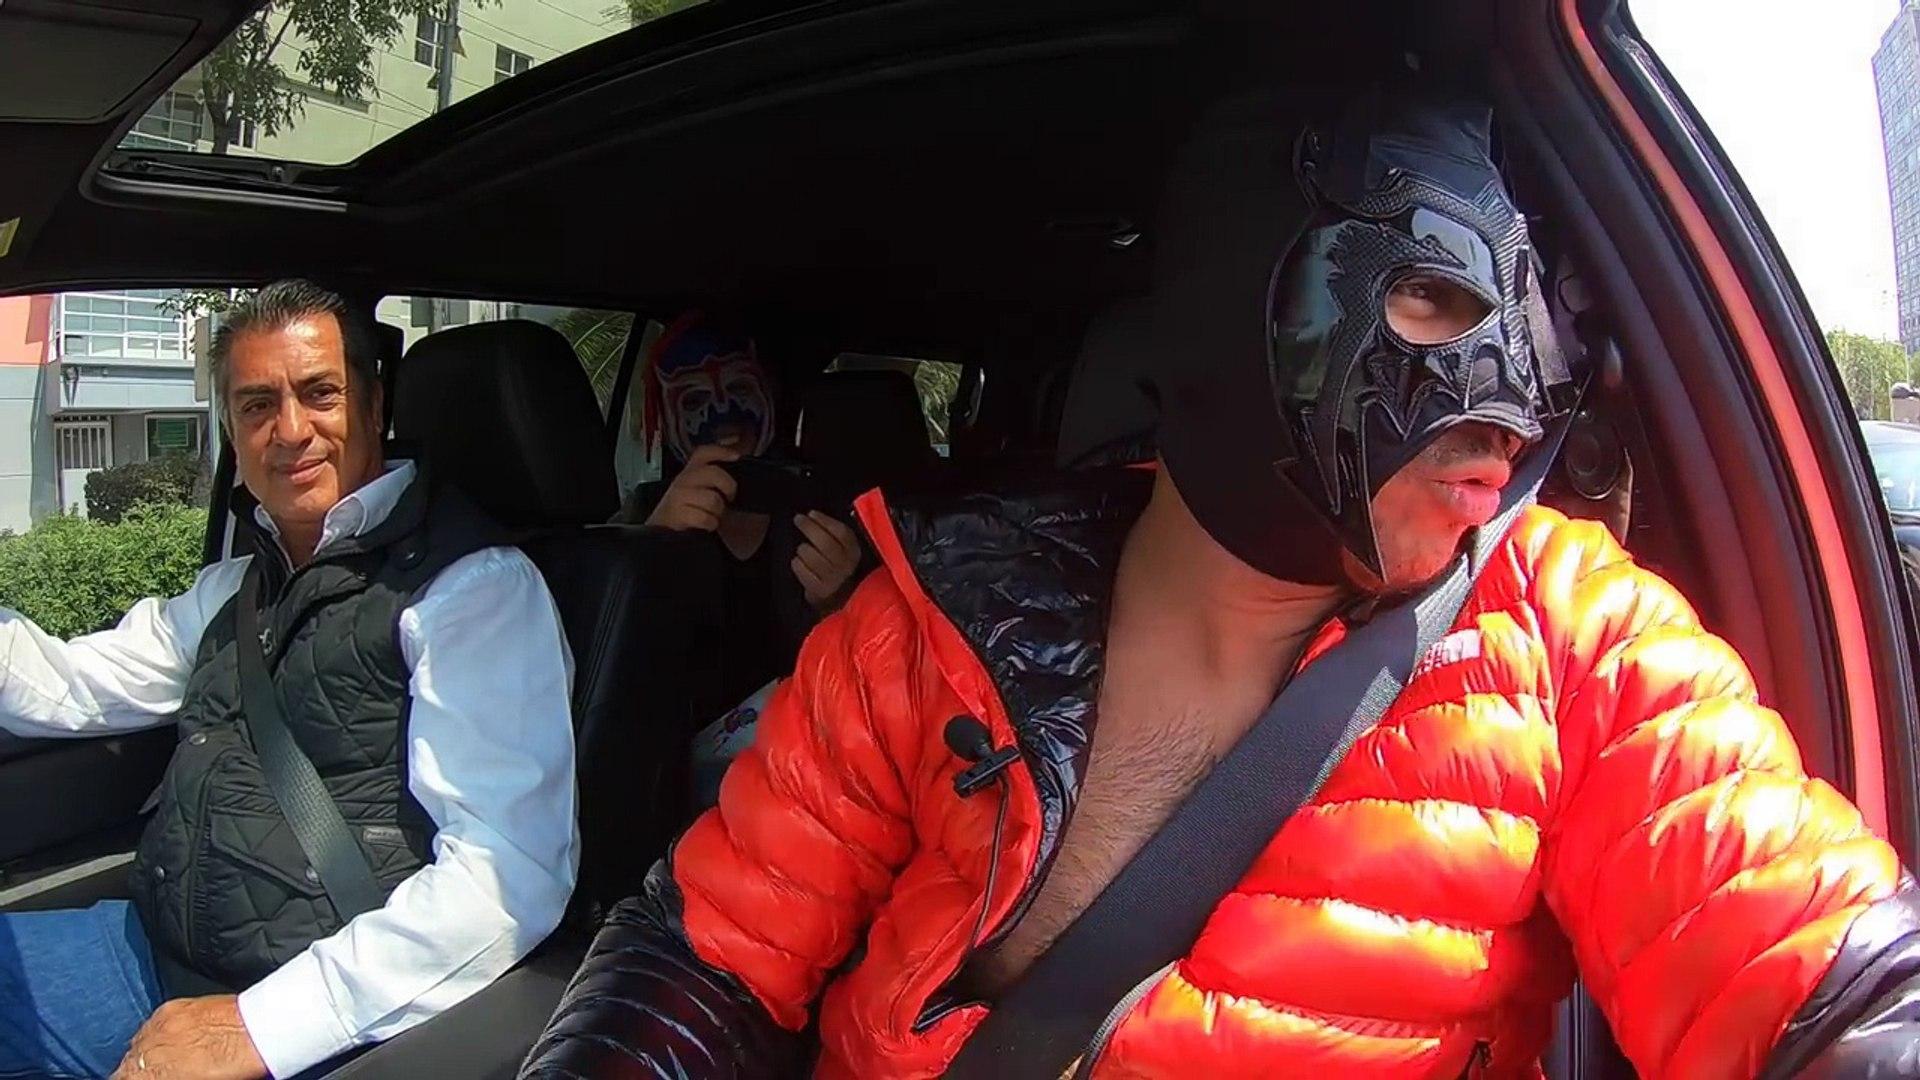 BRONCO & MEADE al volante con el Escorpión Dorado! (Cantando y escuchando verdades)